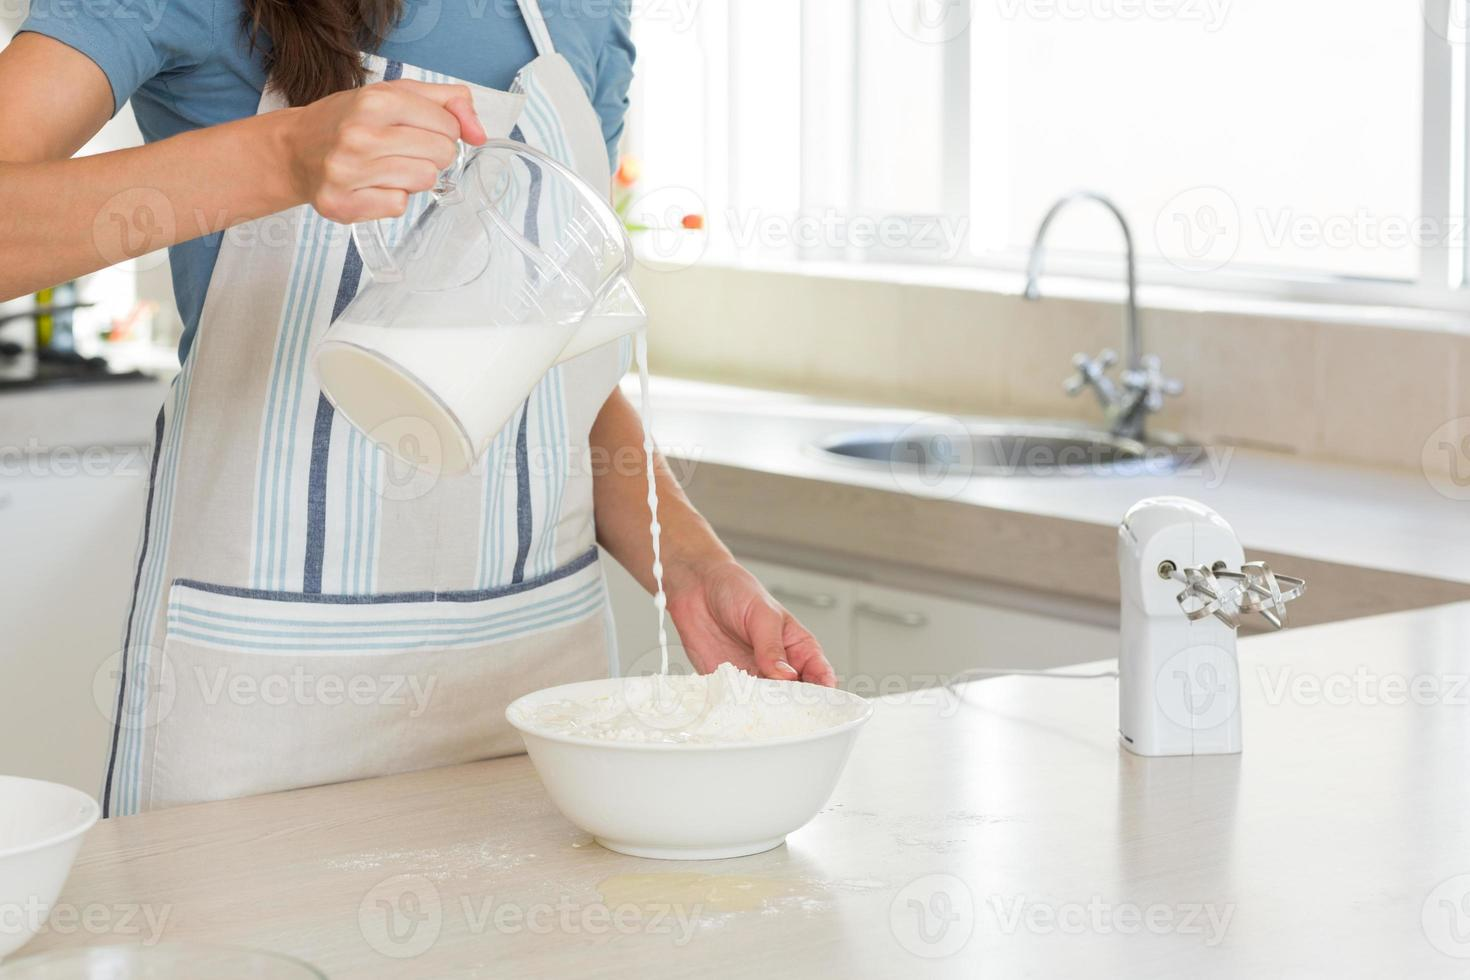 metà sezione di donna versando il latte nell'impasto in cucina foto